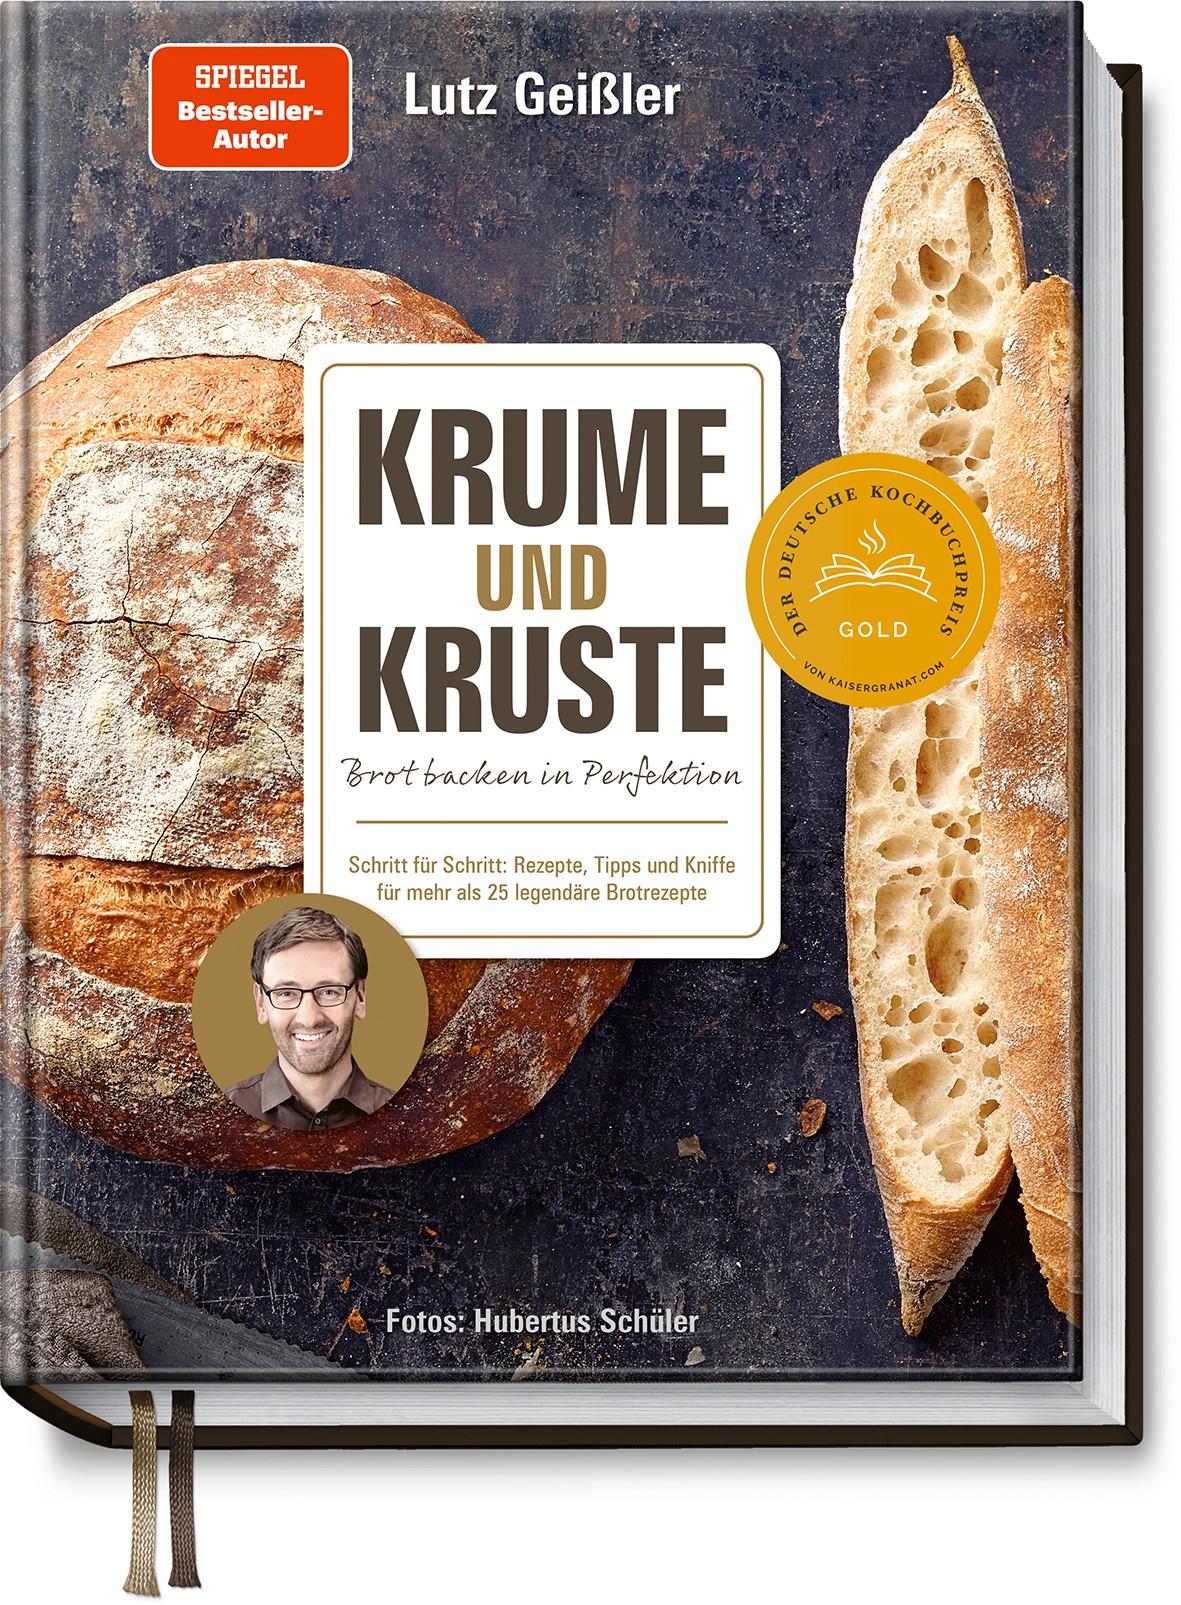 Krume und Kruste – Brot backen in Perfektion von Geißler Lutz